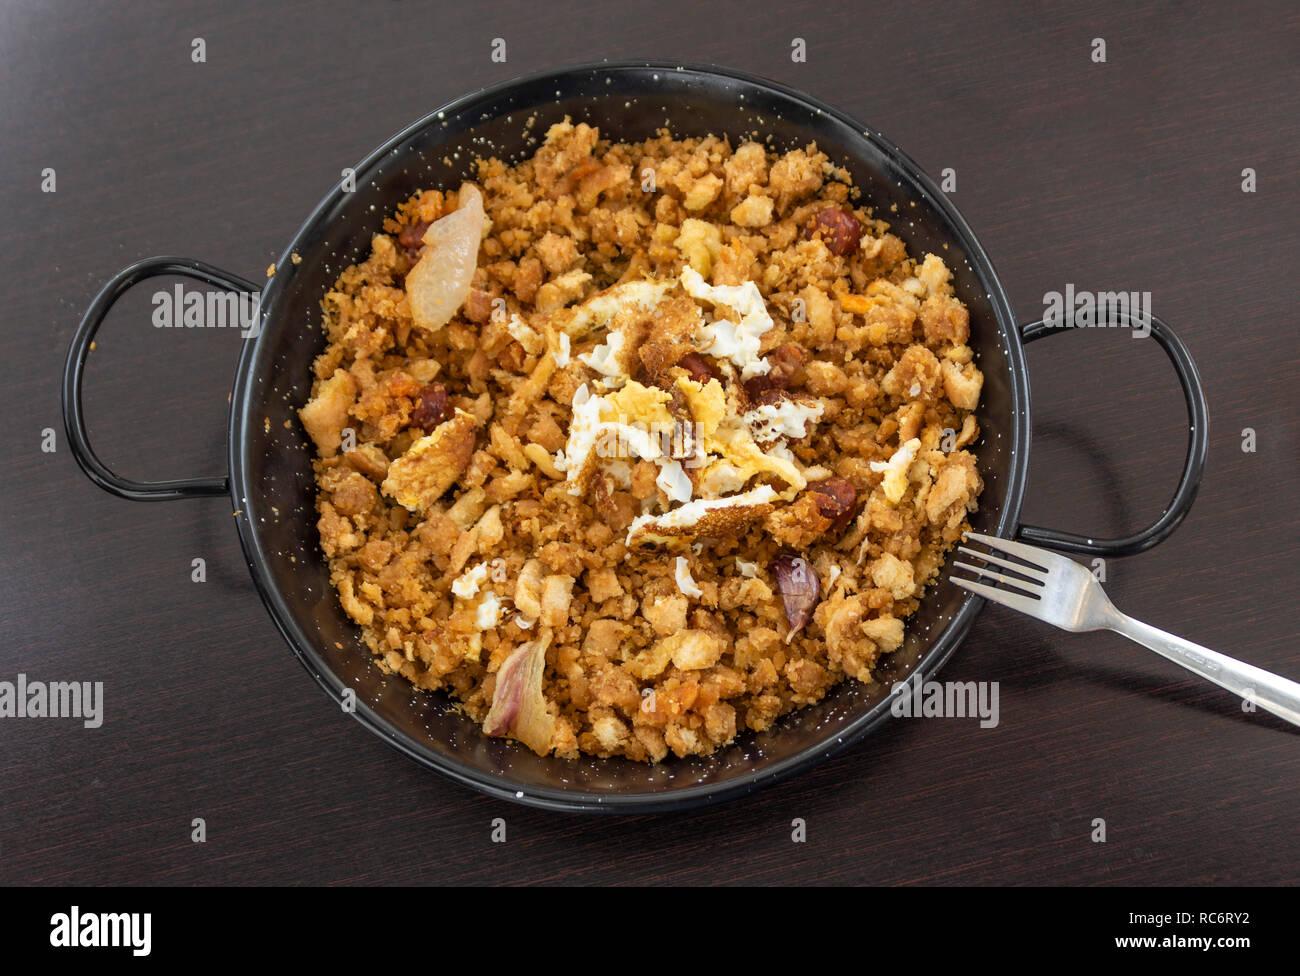 Les Migas, un plat typique espagnol composé de chapelure, bacon, chorizo, l'ail et l'œuf. Photo Stock